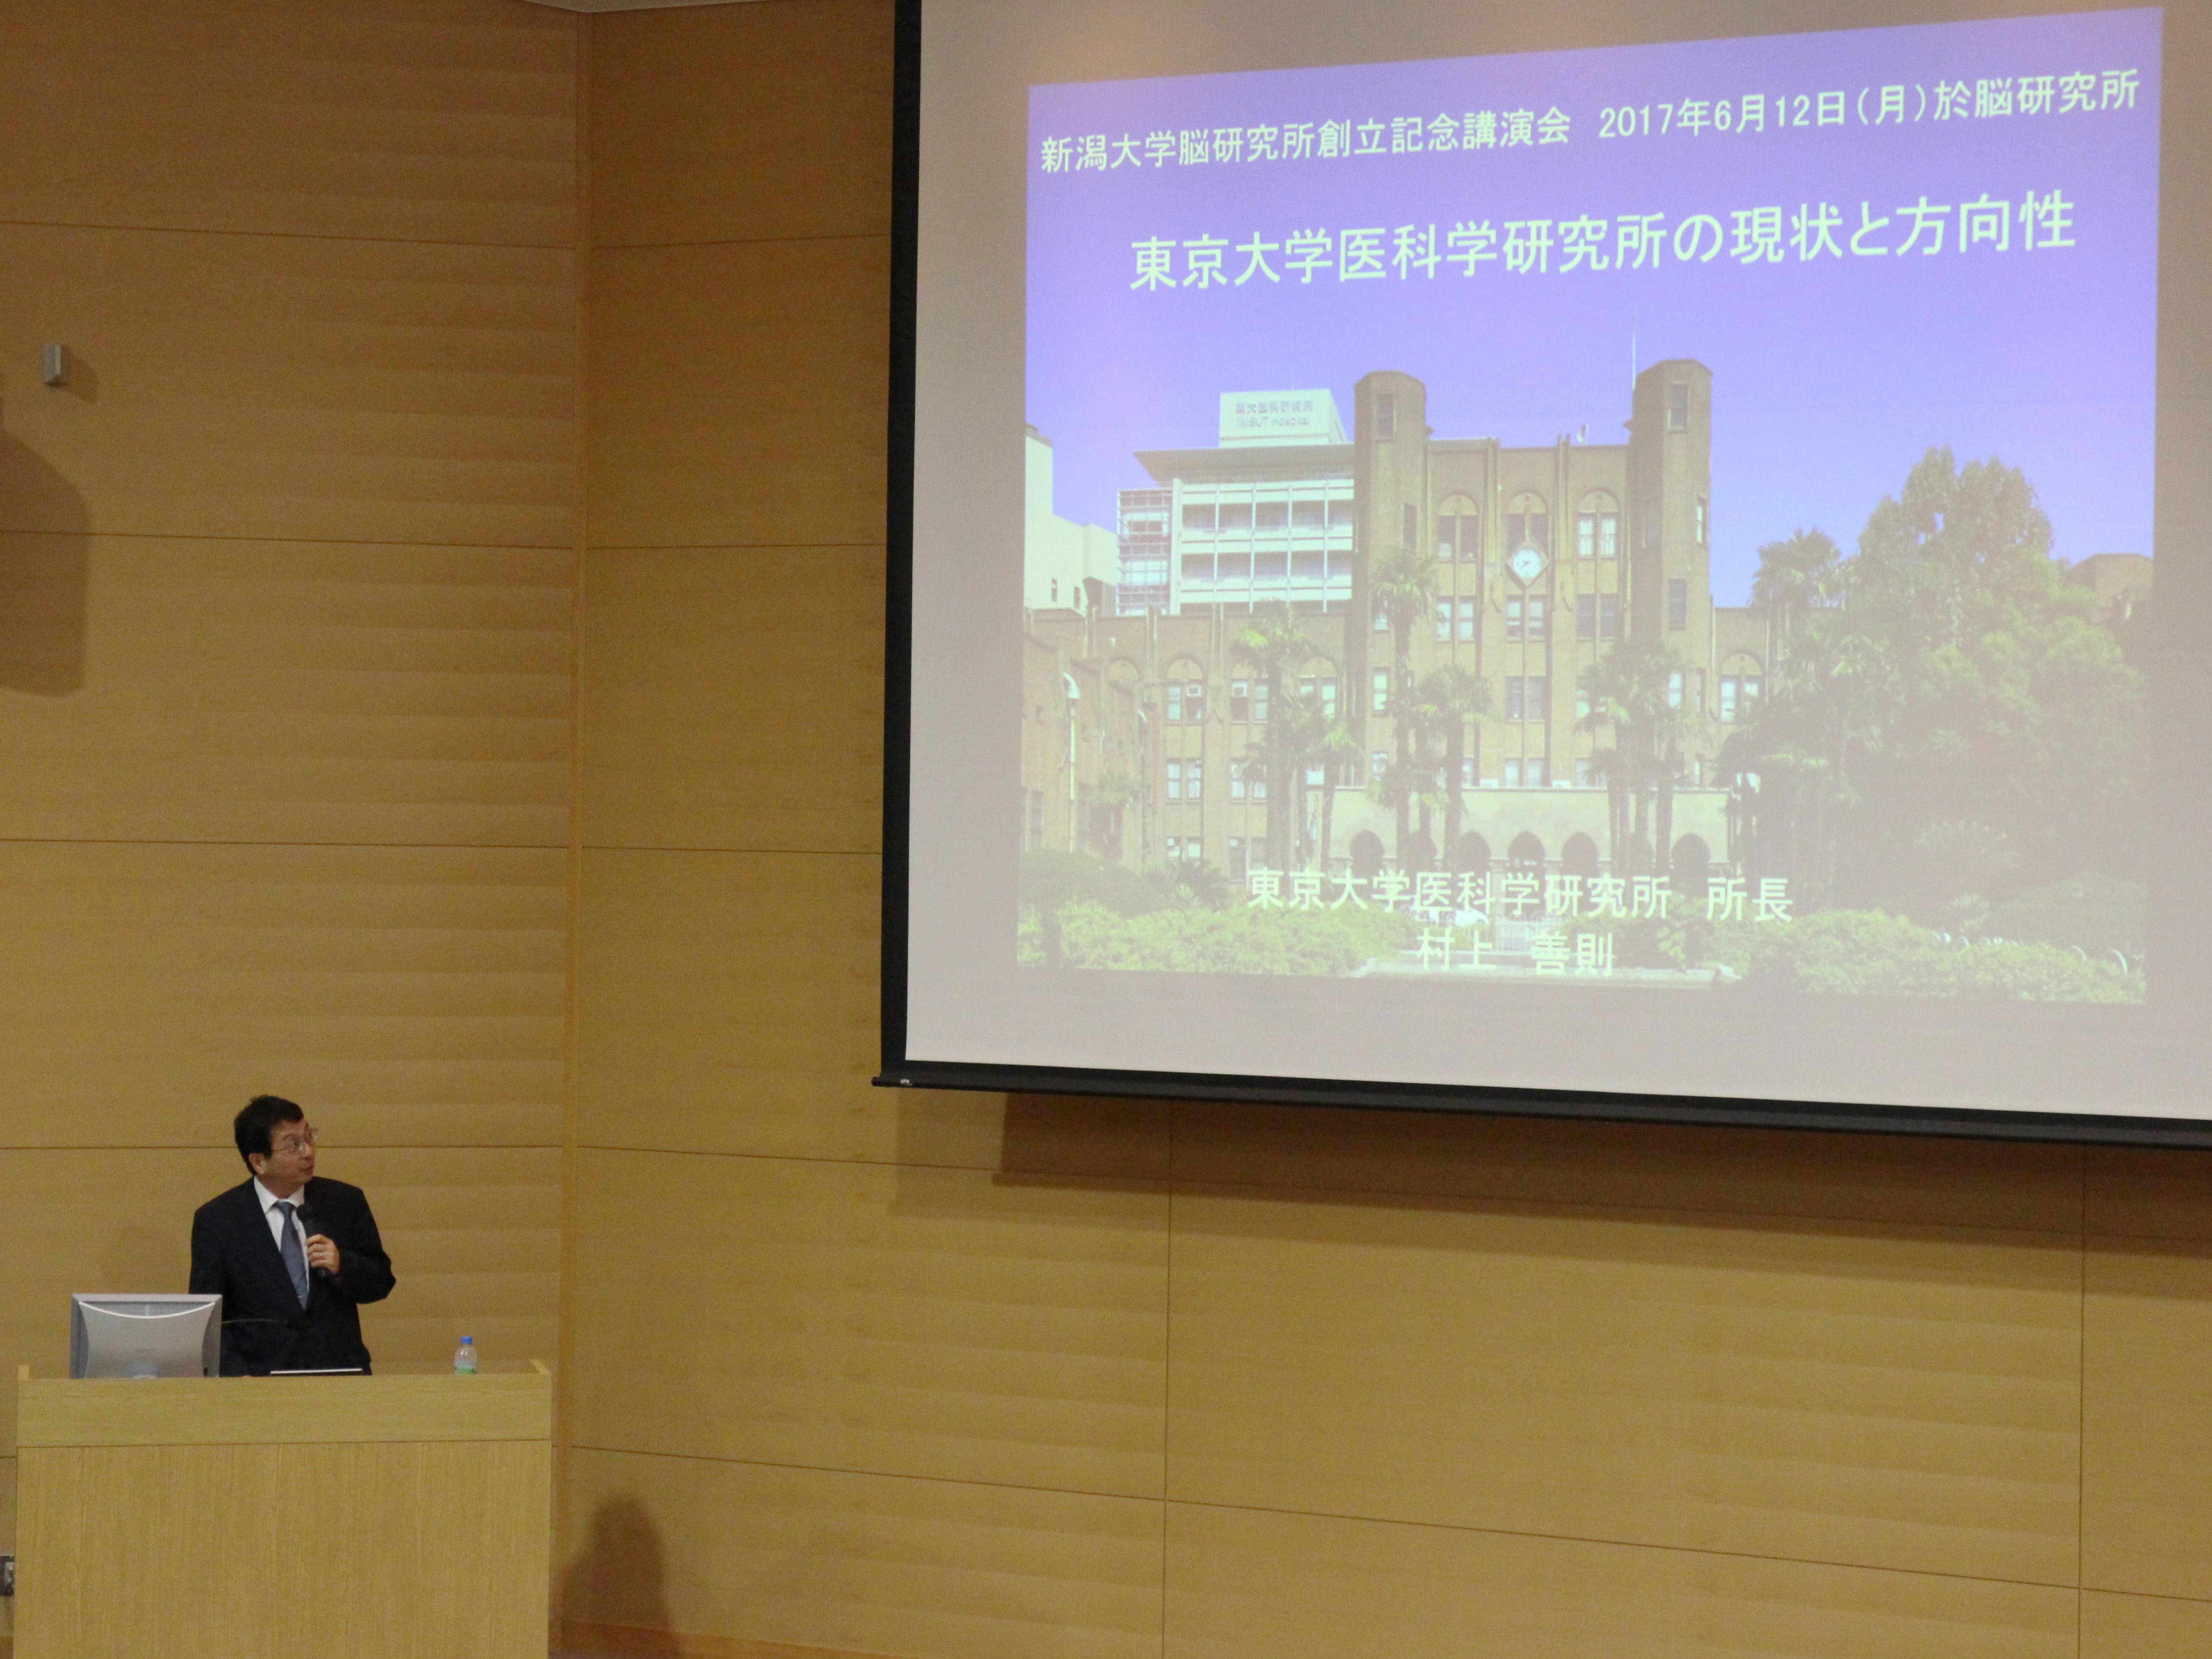 脳研究所の附置50周年記念講演会・祝賀会を開催しました